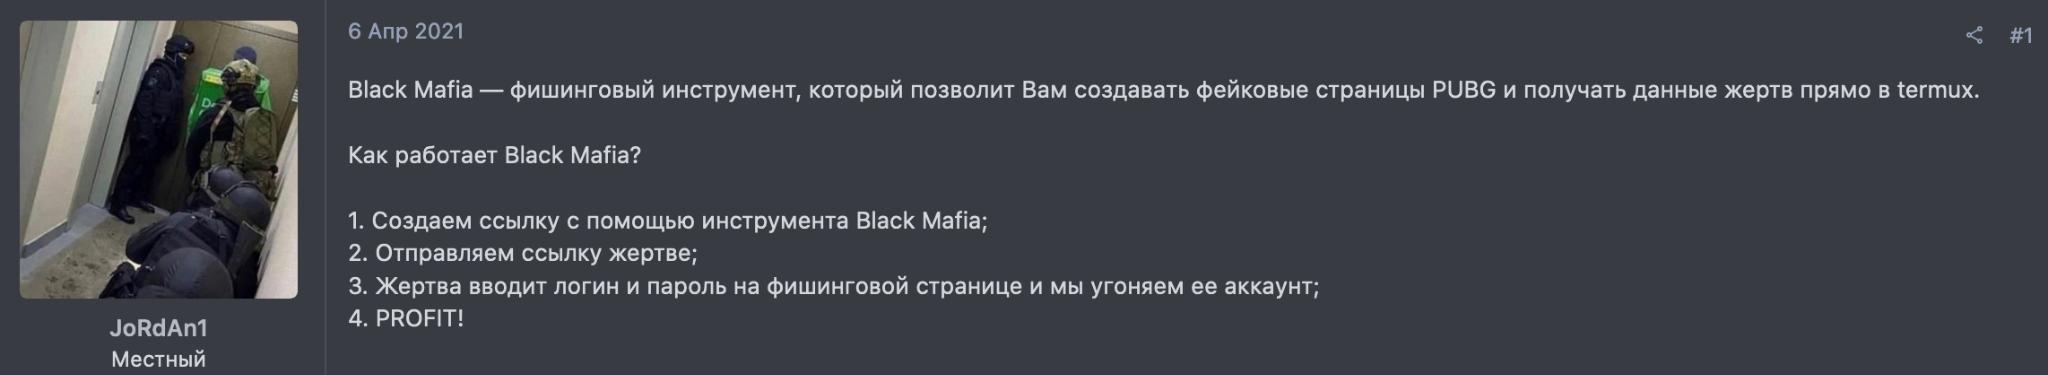 偽のPUBGページを作成するツール「BlackMafia」を販売するサイバー犯罪者